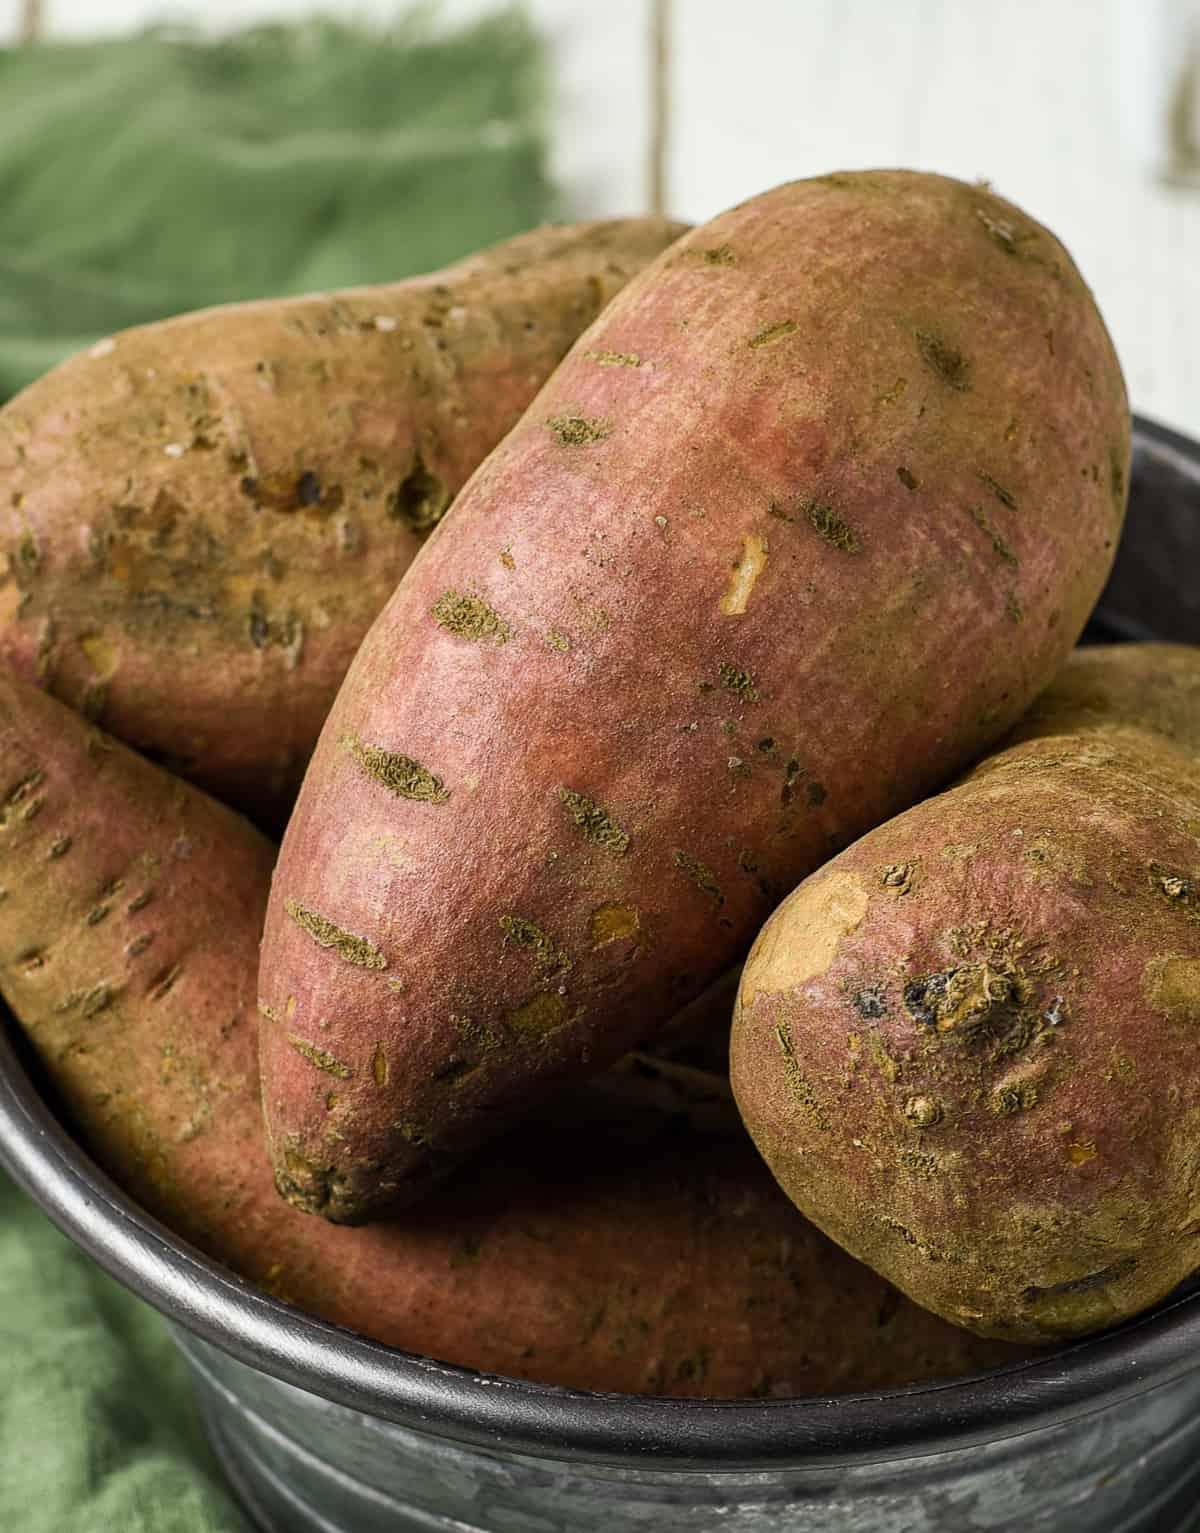 Sweet potatoes in a bucket.